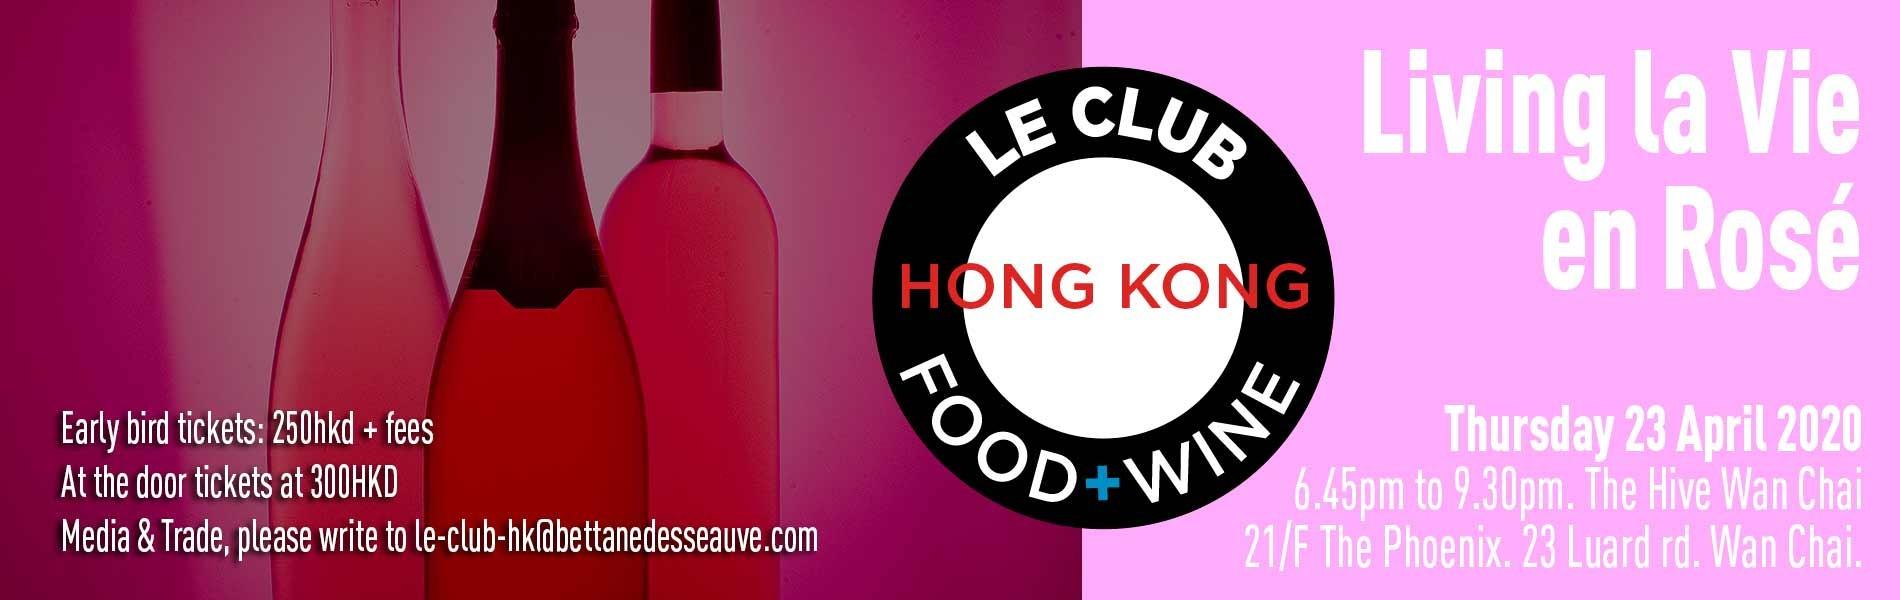 Le Club Food & Wine - Living la vie en Rosé